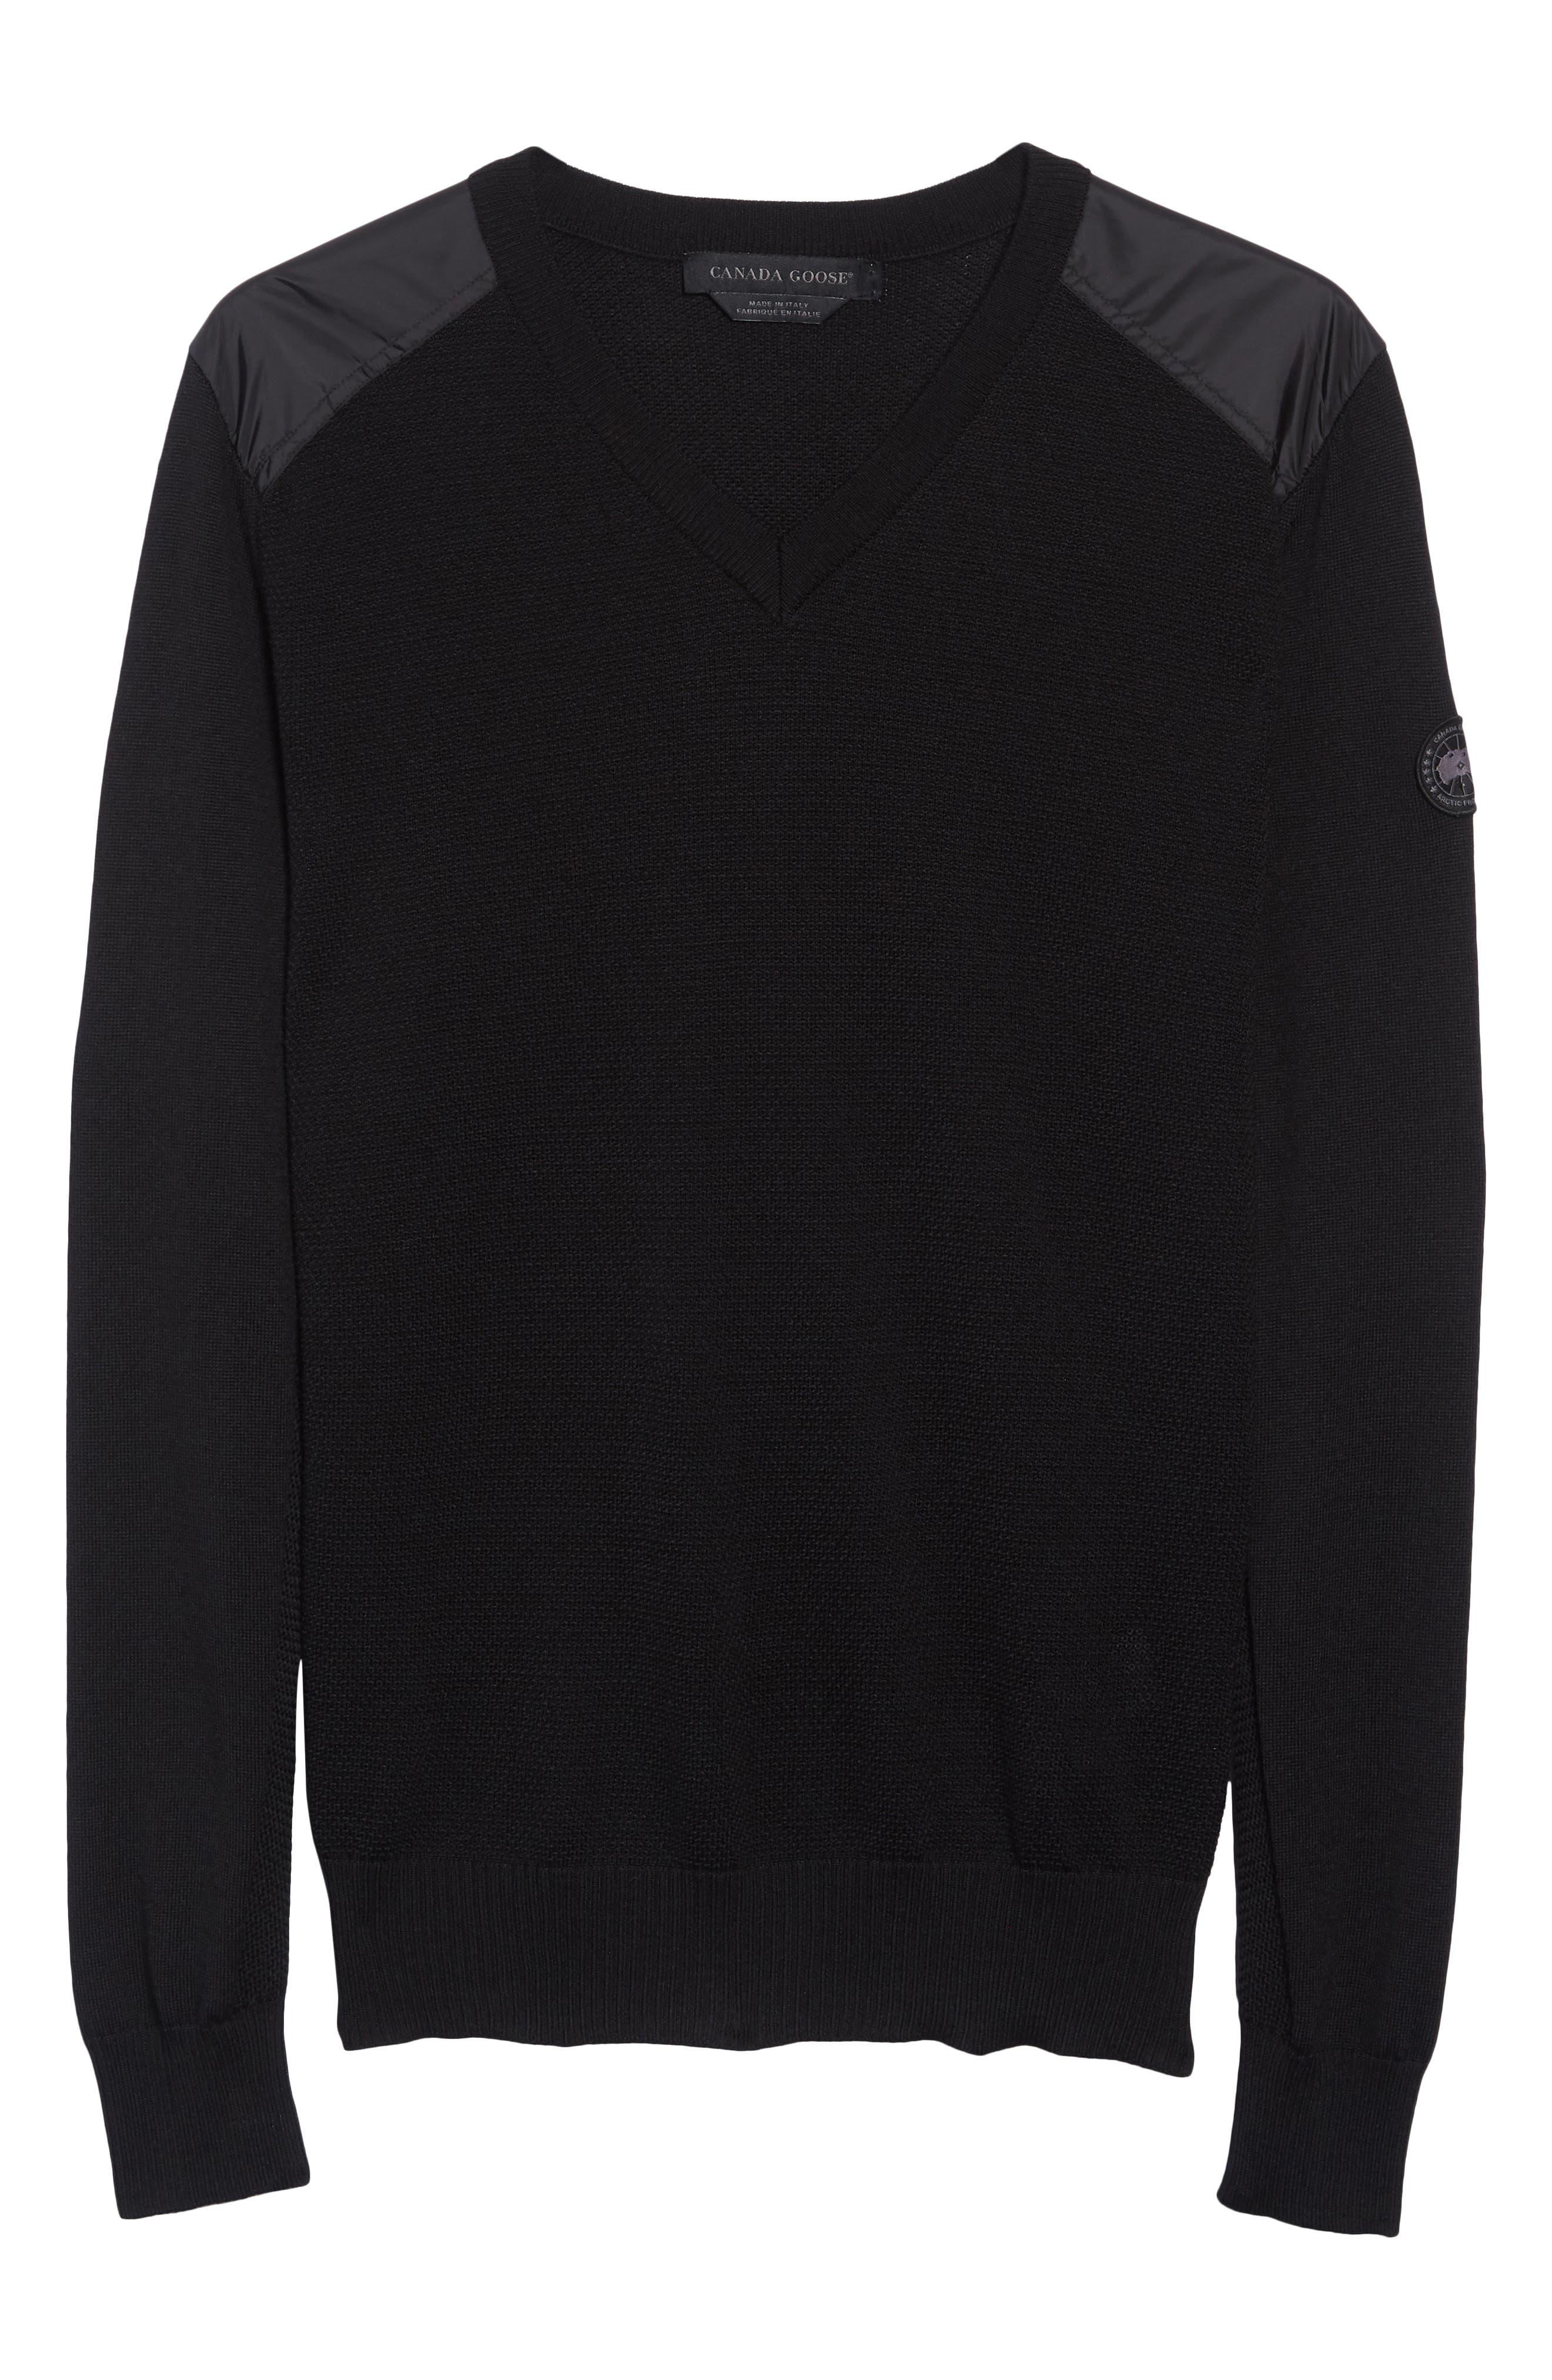 McLeod V-Neck Regular Fit Merino Wool Sweater,                             Alternate thumbnail 6, color,                             BLACK